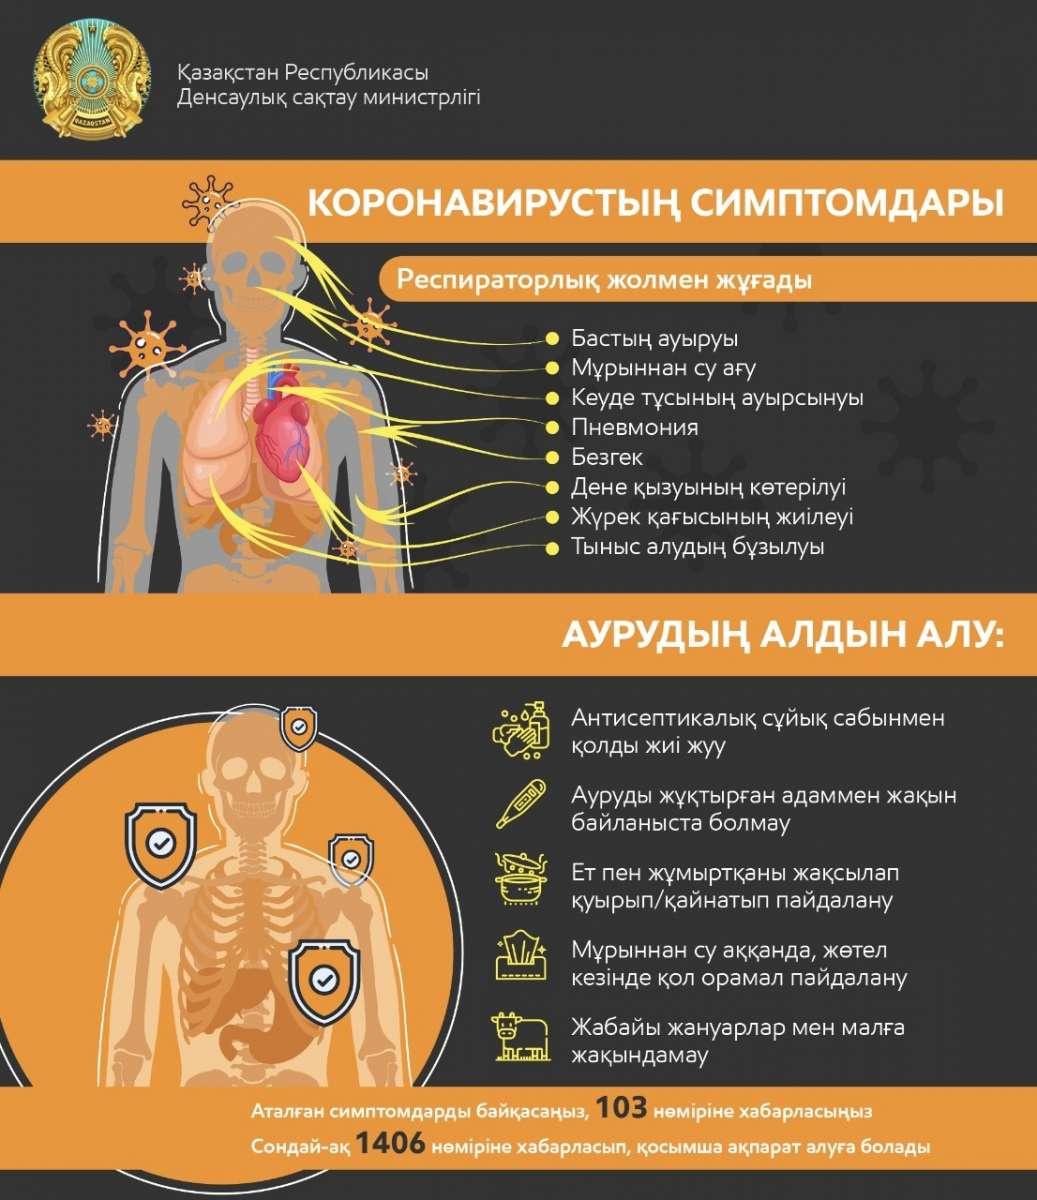 Коронавирустың симптомдары және оның алдын алу